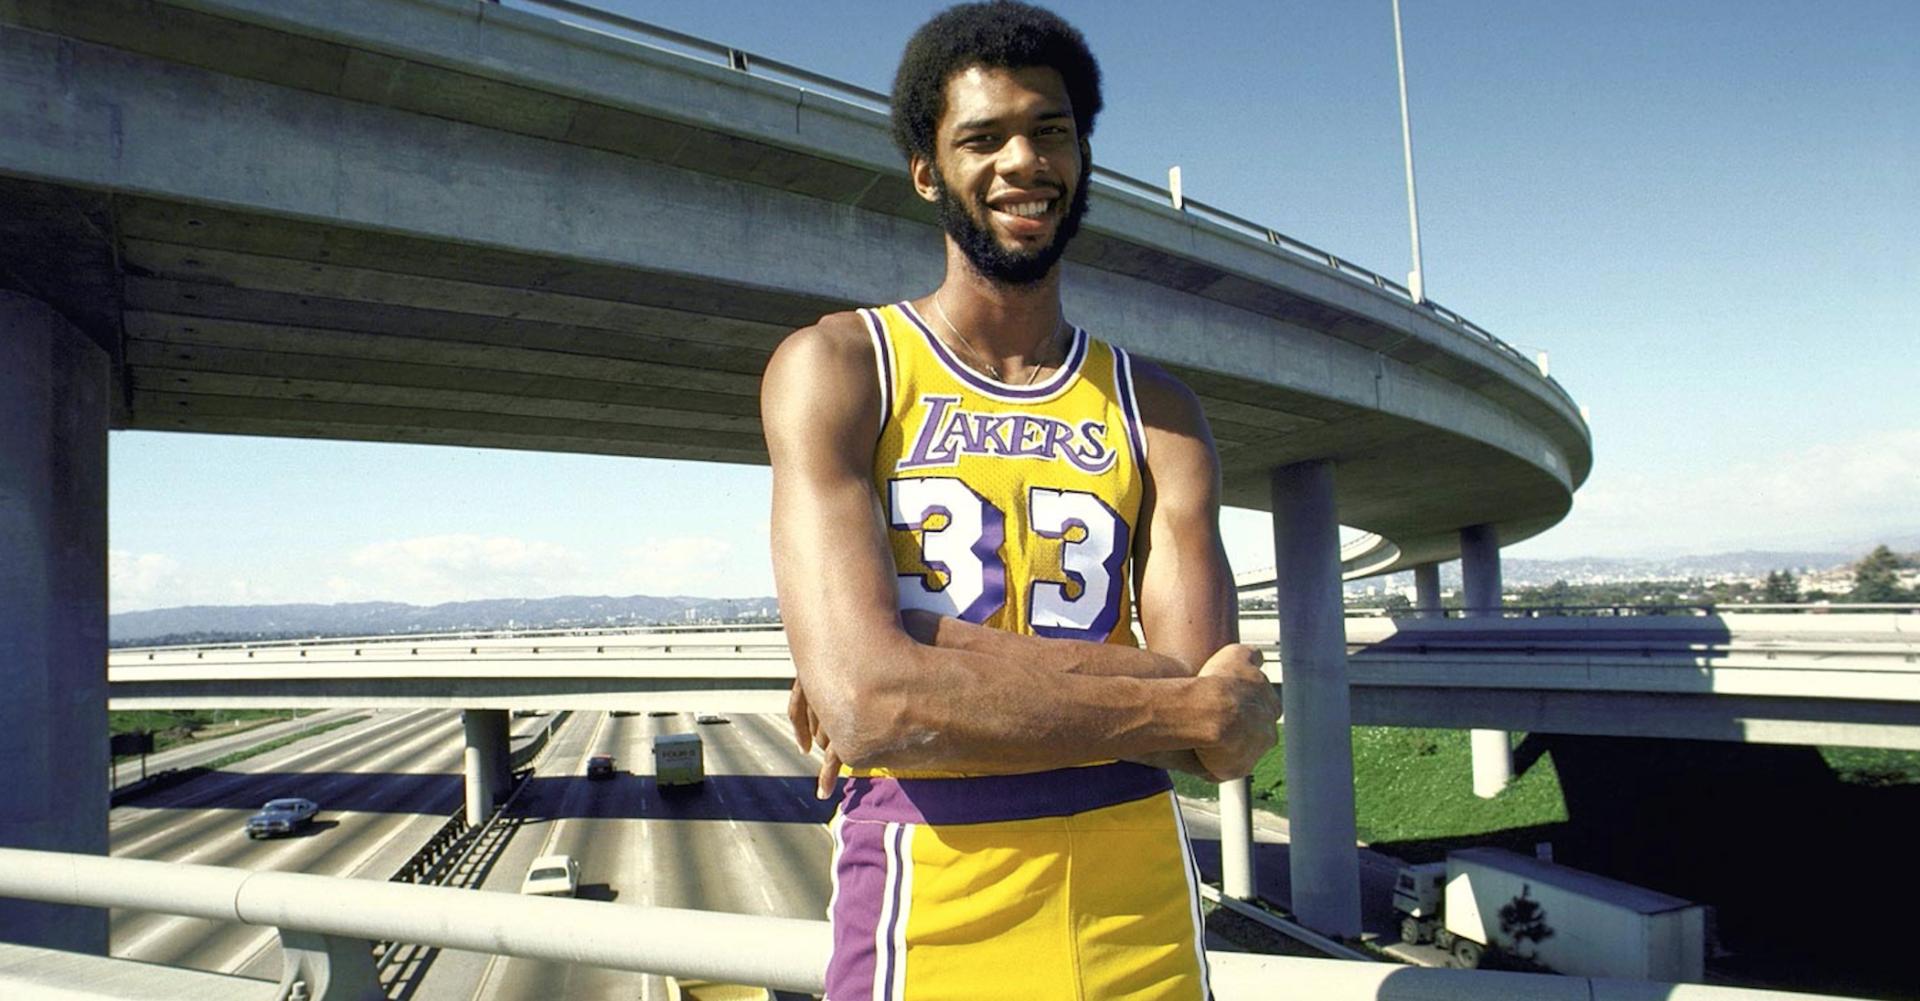 Les plus grands athlètes de l'histoire de Los Angeles